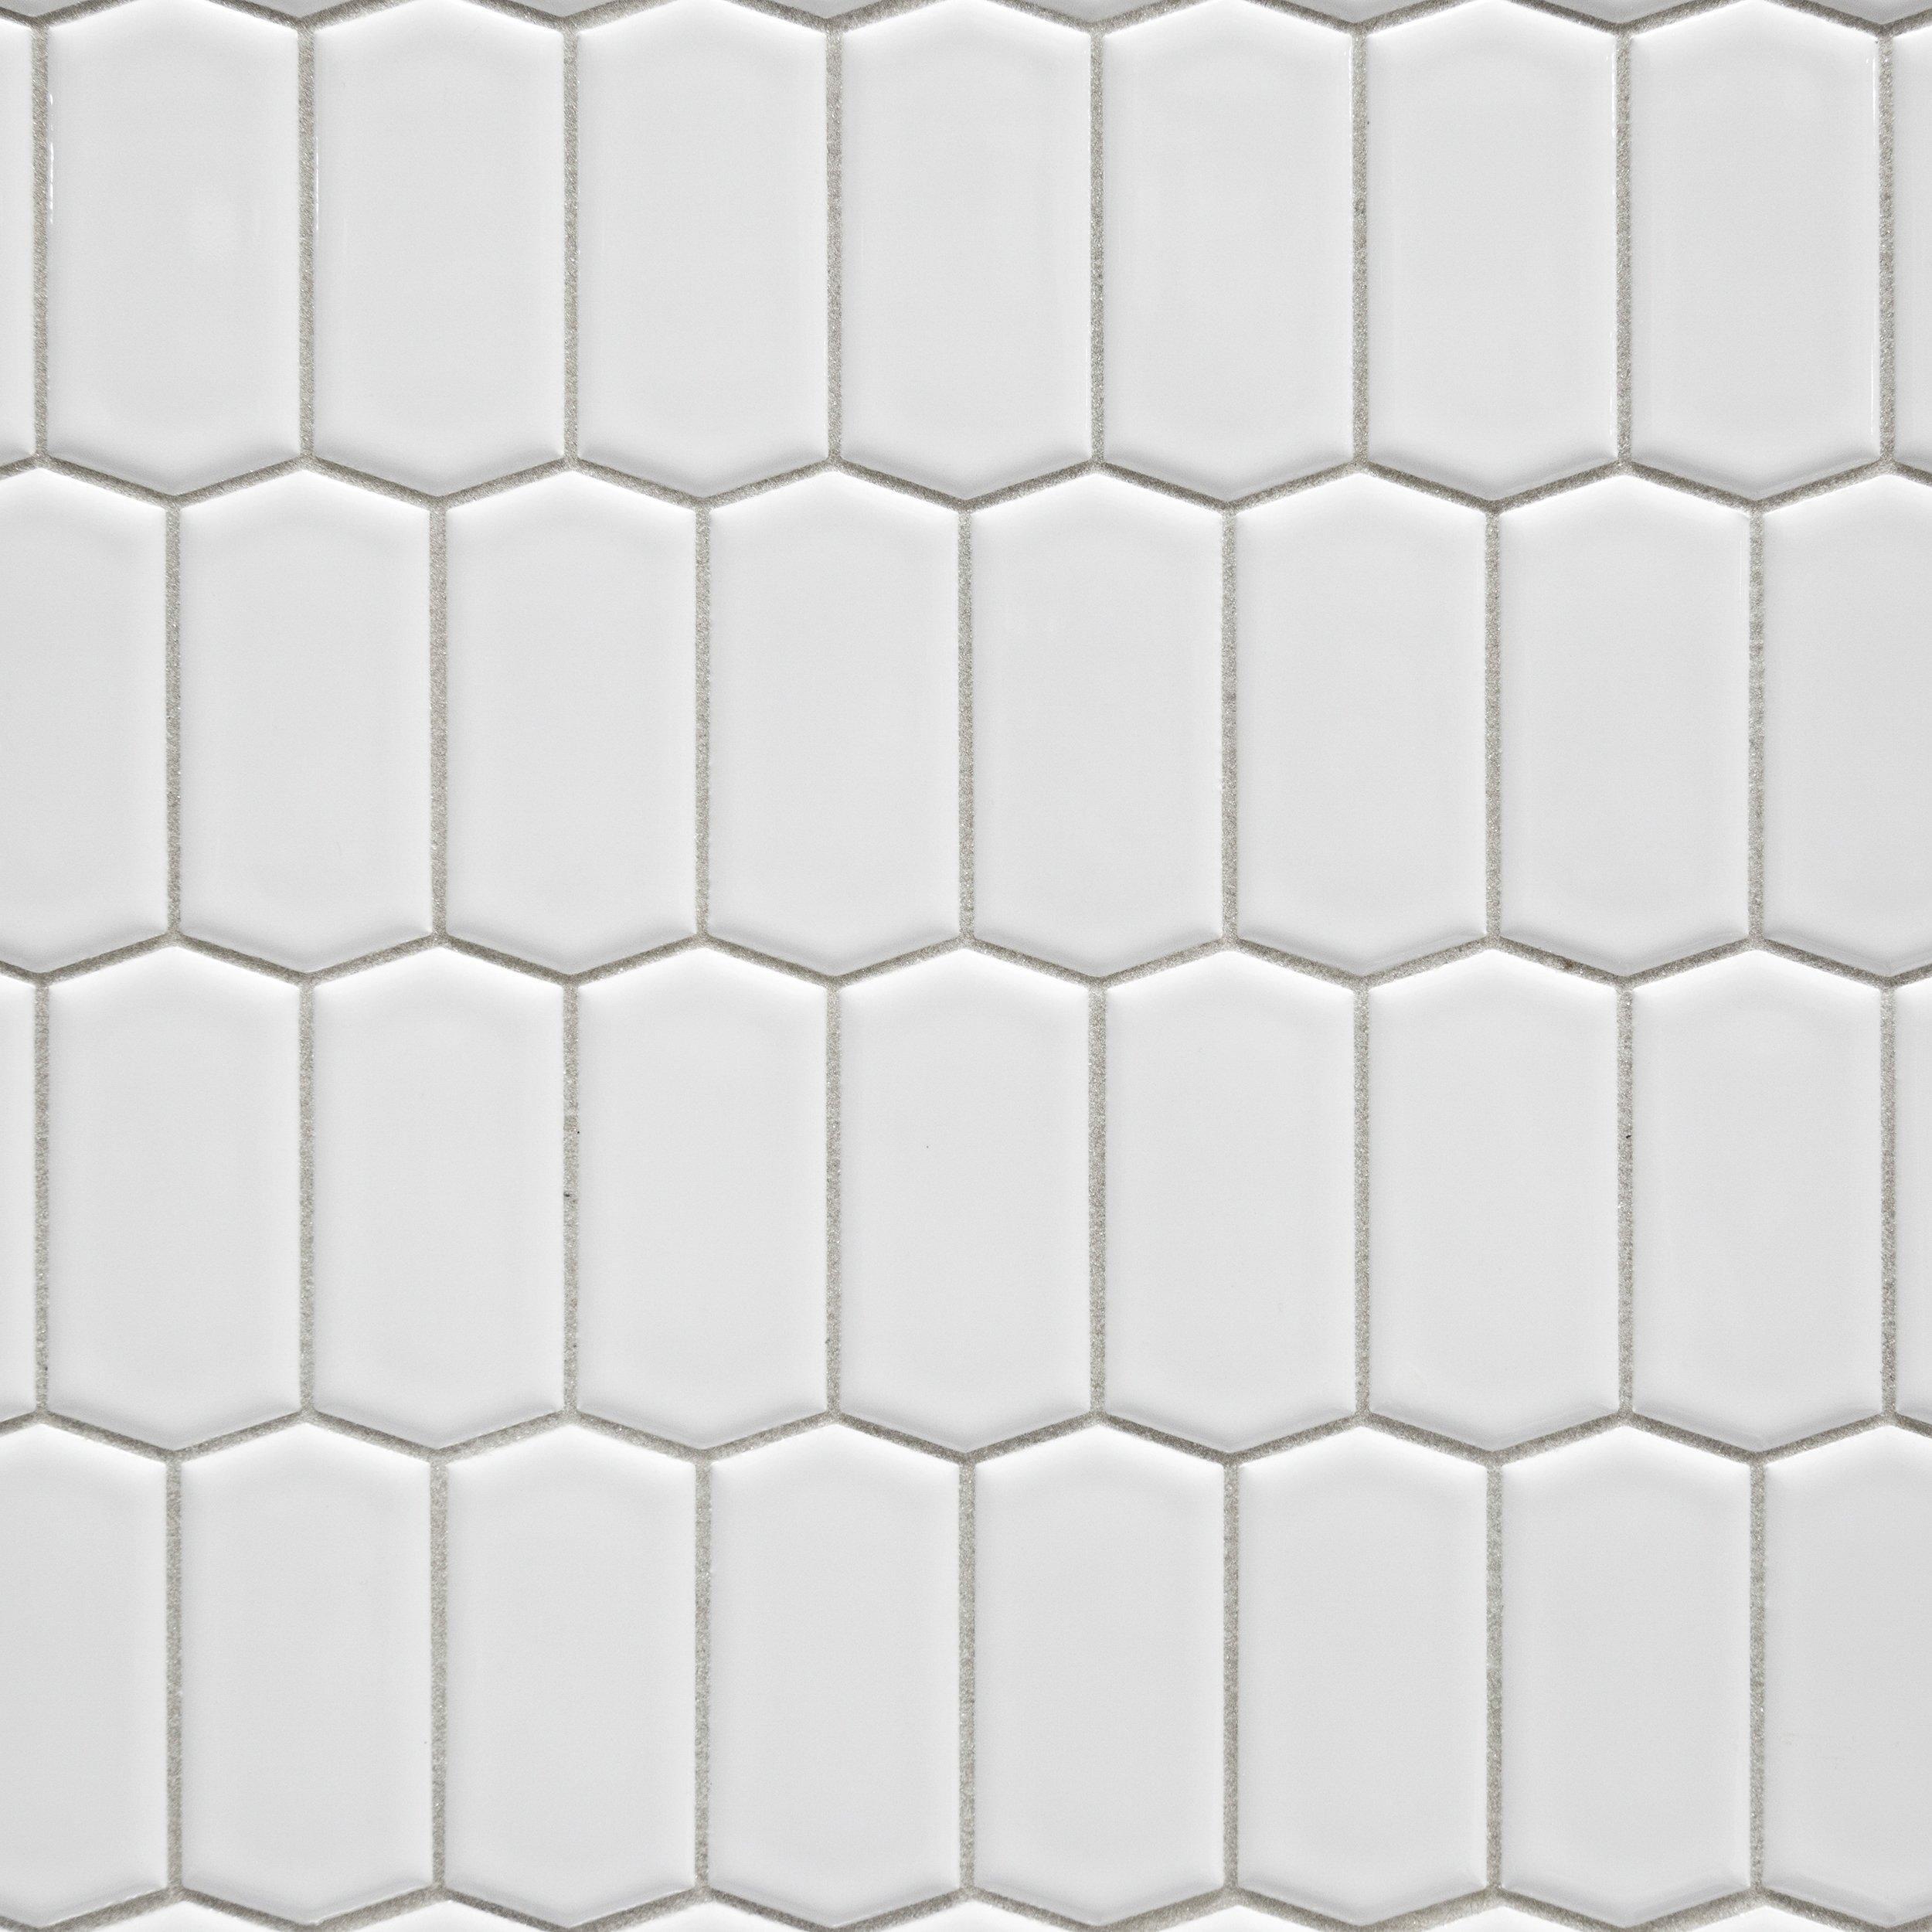 White Offset Picket Porcelain Mosaic Tiles Porcelain Tile Decorative Tile Backsplash